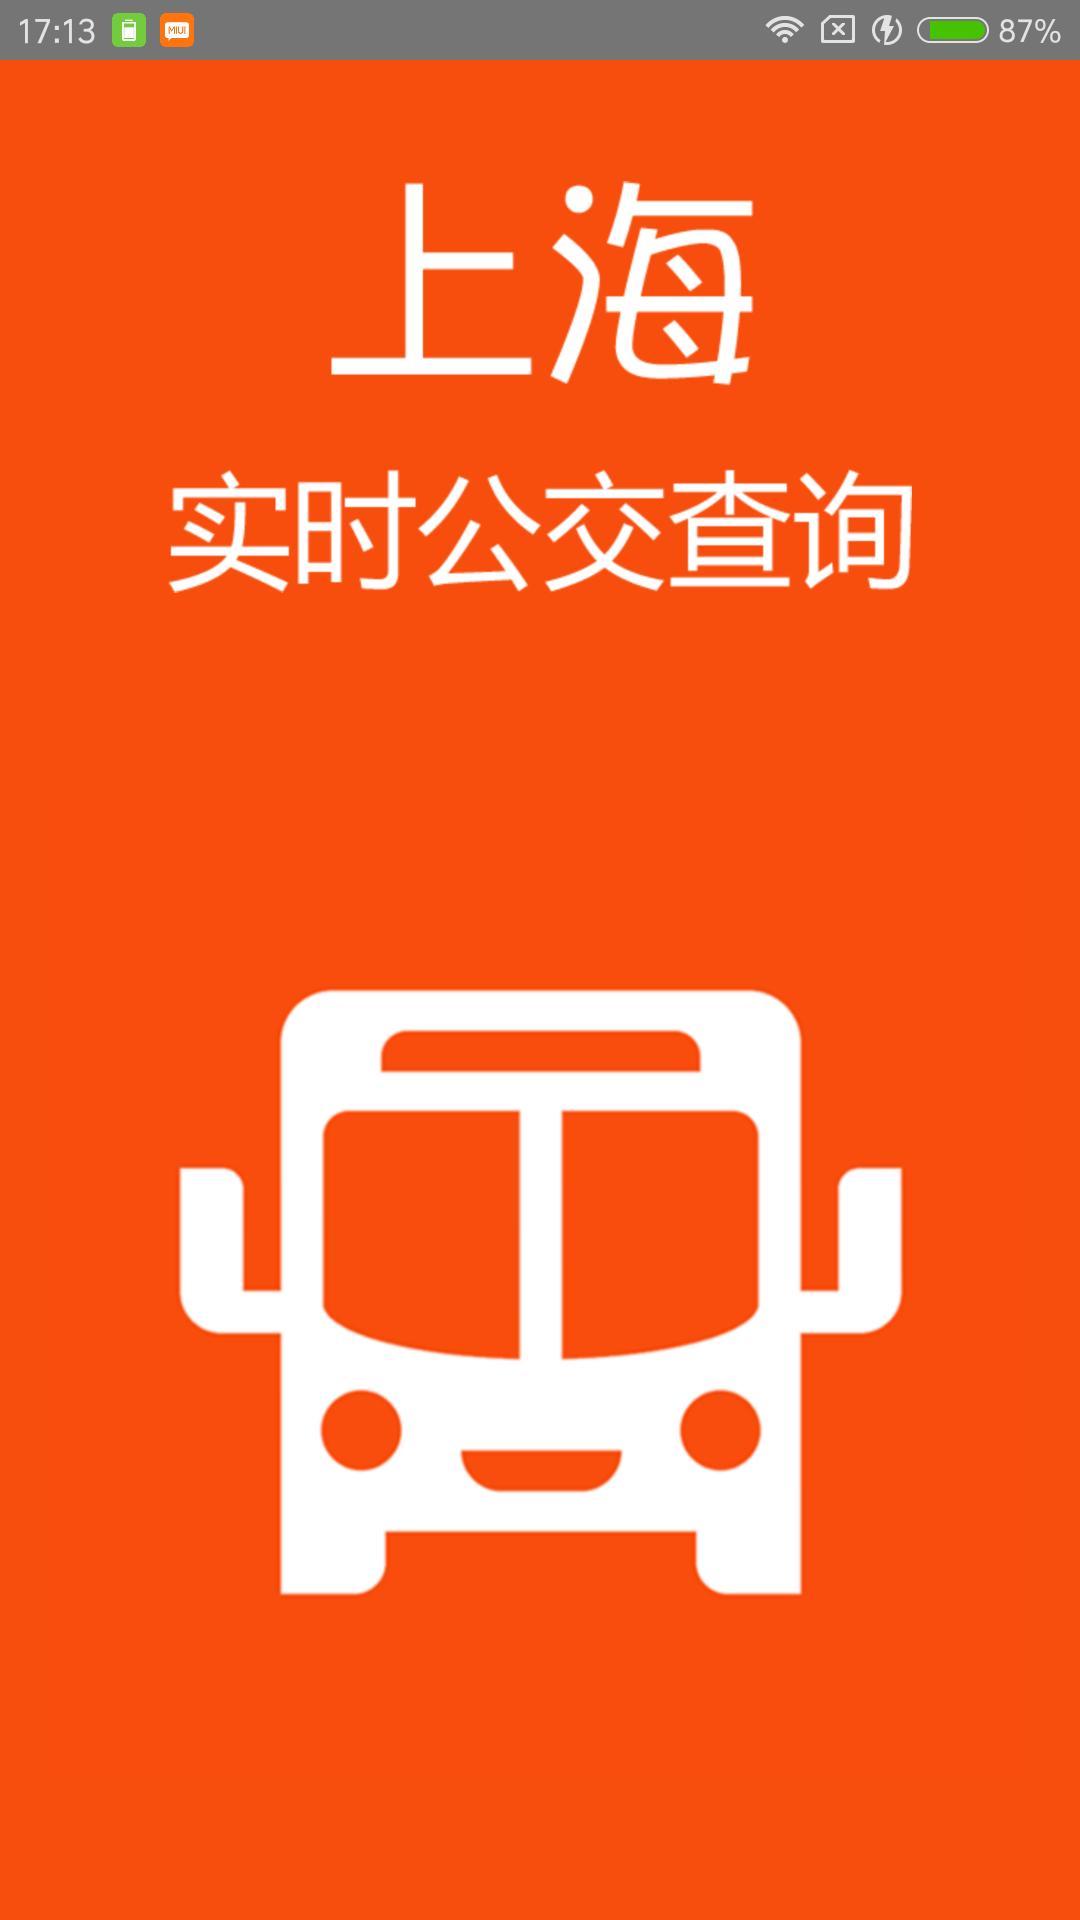 上海实时公交软件截图0